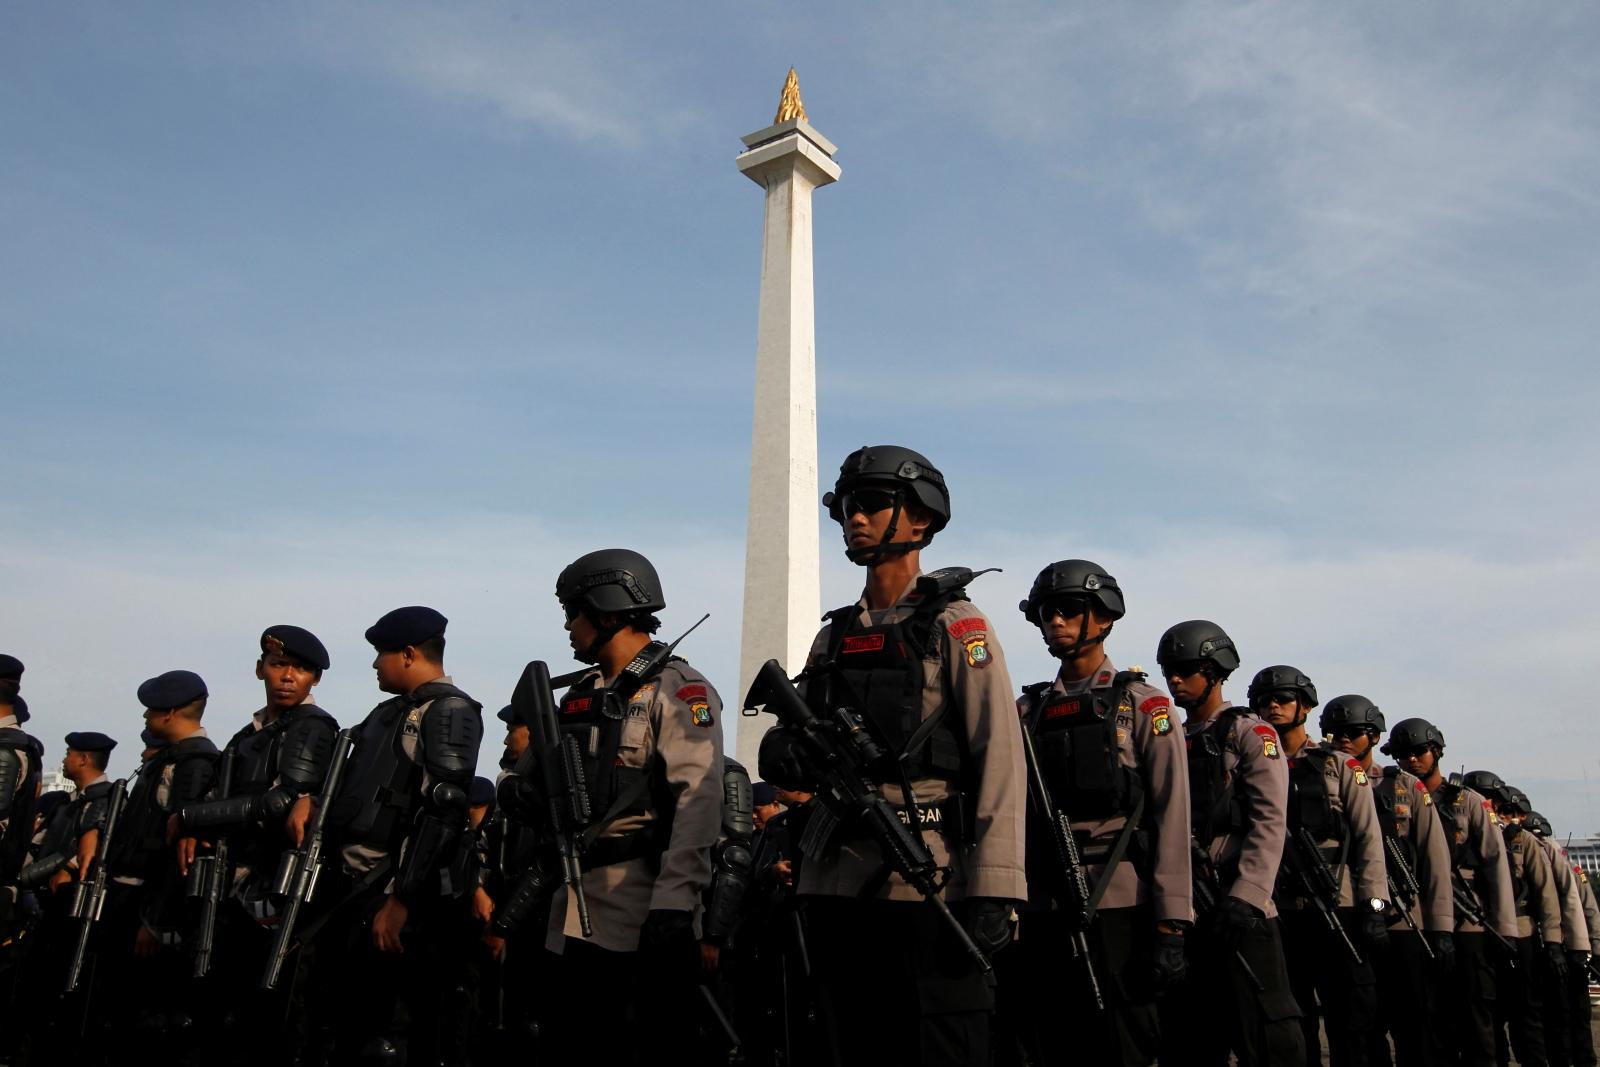 Police Jakarta Indonesia